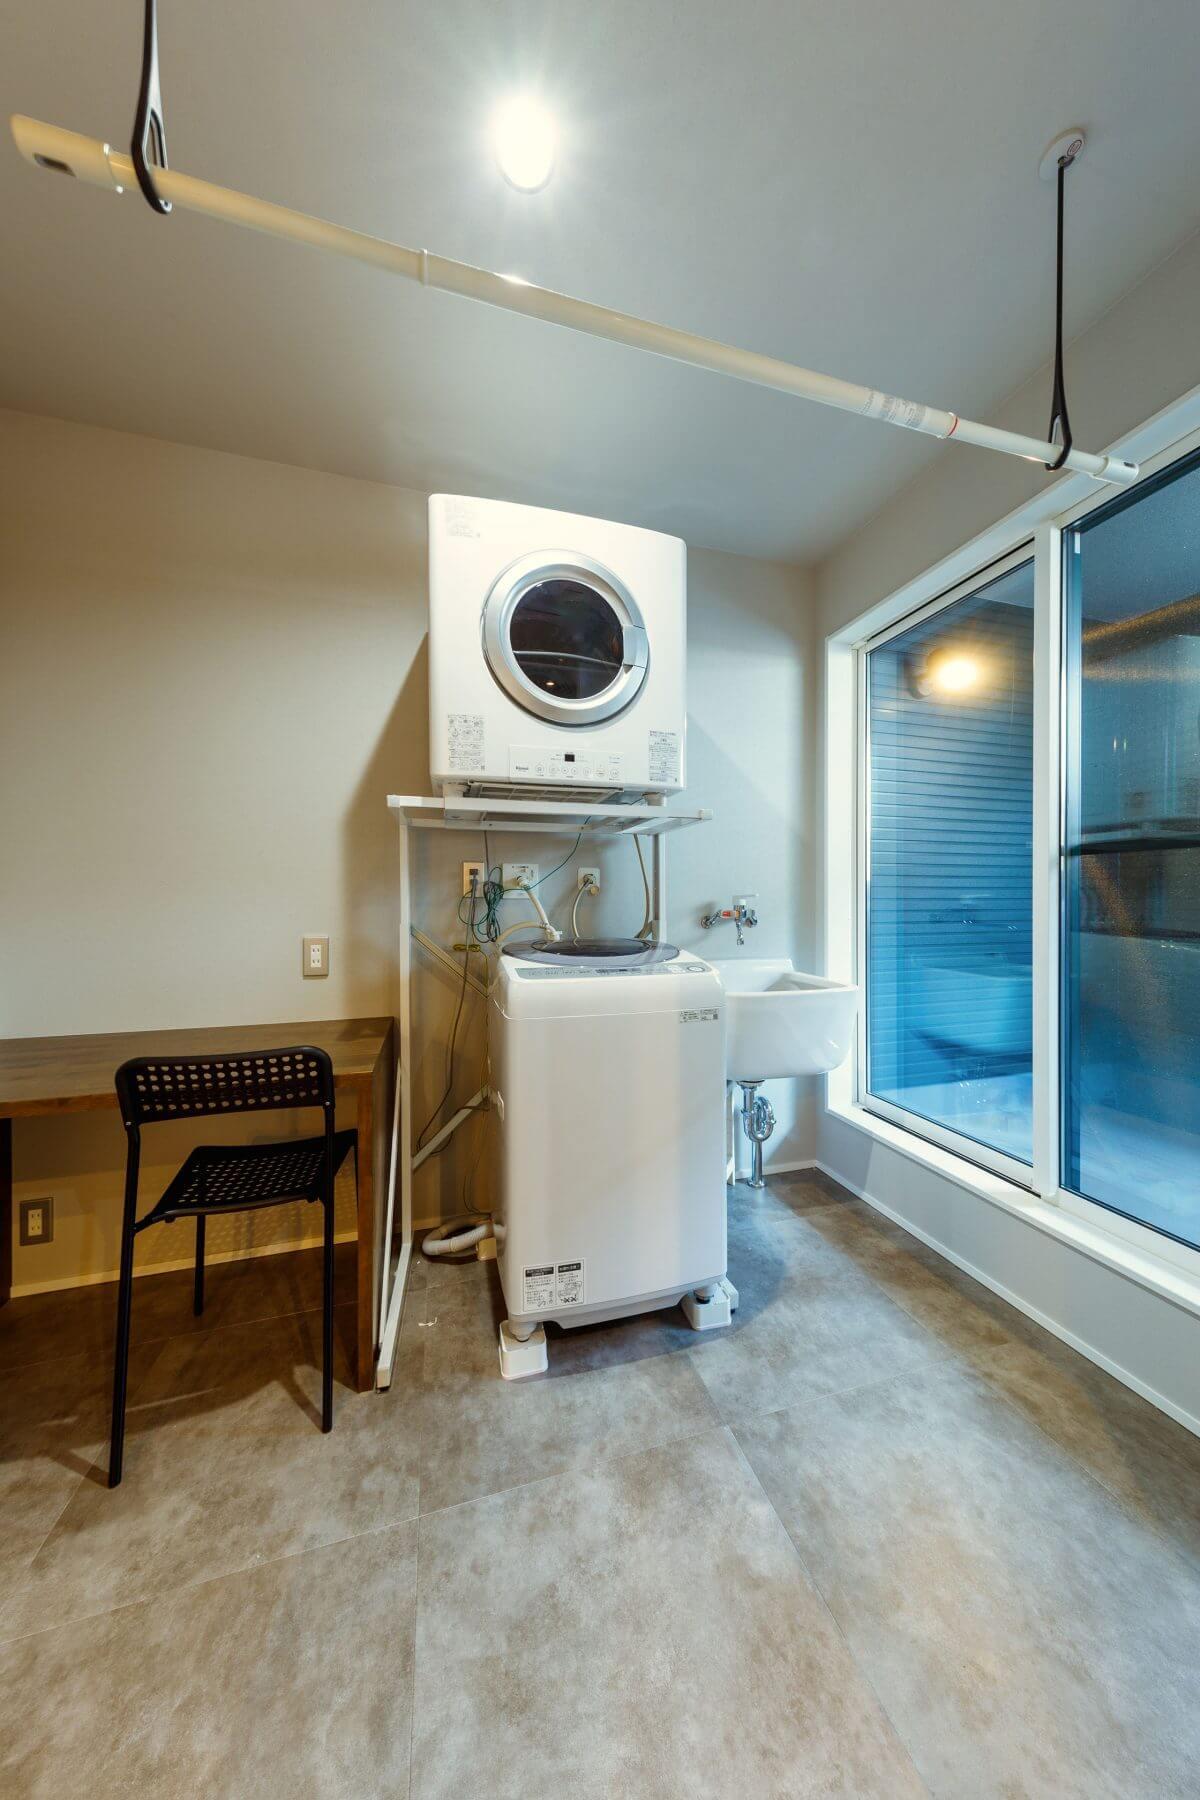 洗面室に隣接した洗濯室。アイロンがけコーナーにもなる多目的カウンターを設置しました。洗濯後、右のバルコニーに外干し、雨が降ればすぐにサッと室内干しへ。花粉や梅雨時期など、外干しに向かない季節には乾燥機を活用するなど、季節に応じて自由な使い方ができます。家づくりの参考にしたい洗濯室です。